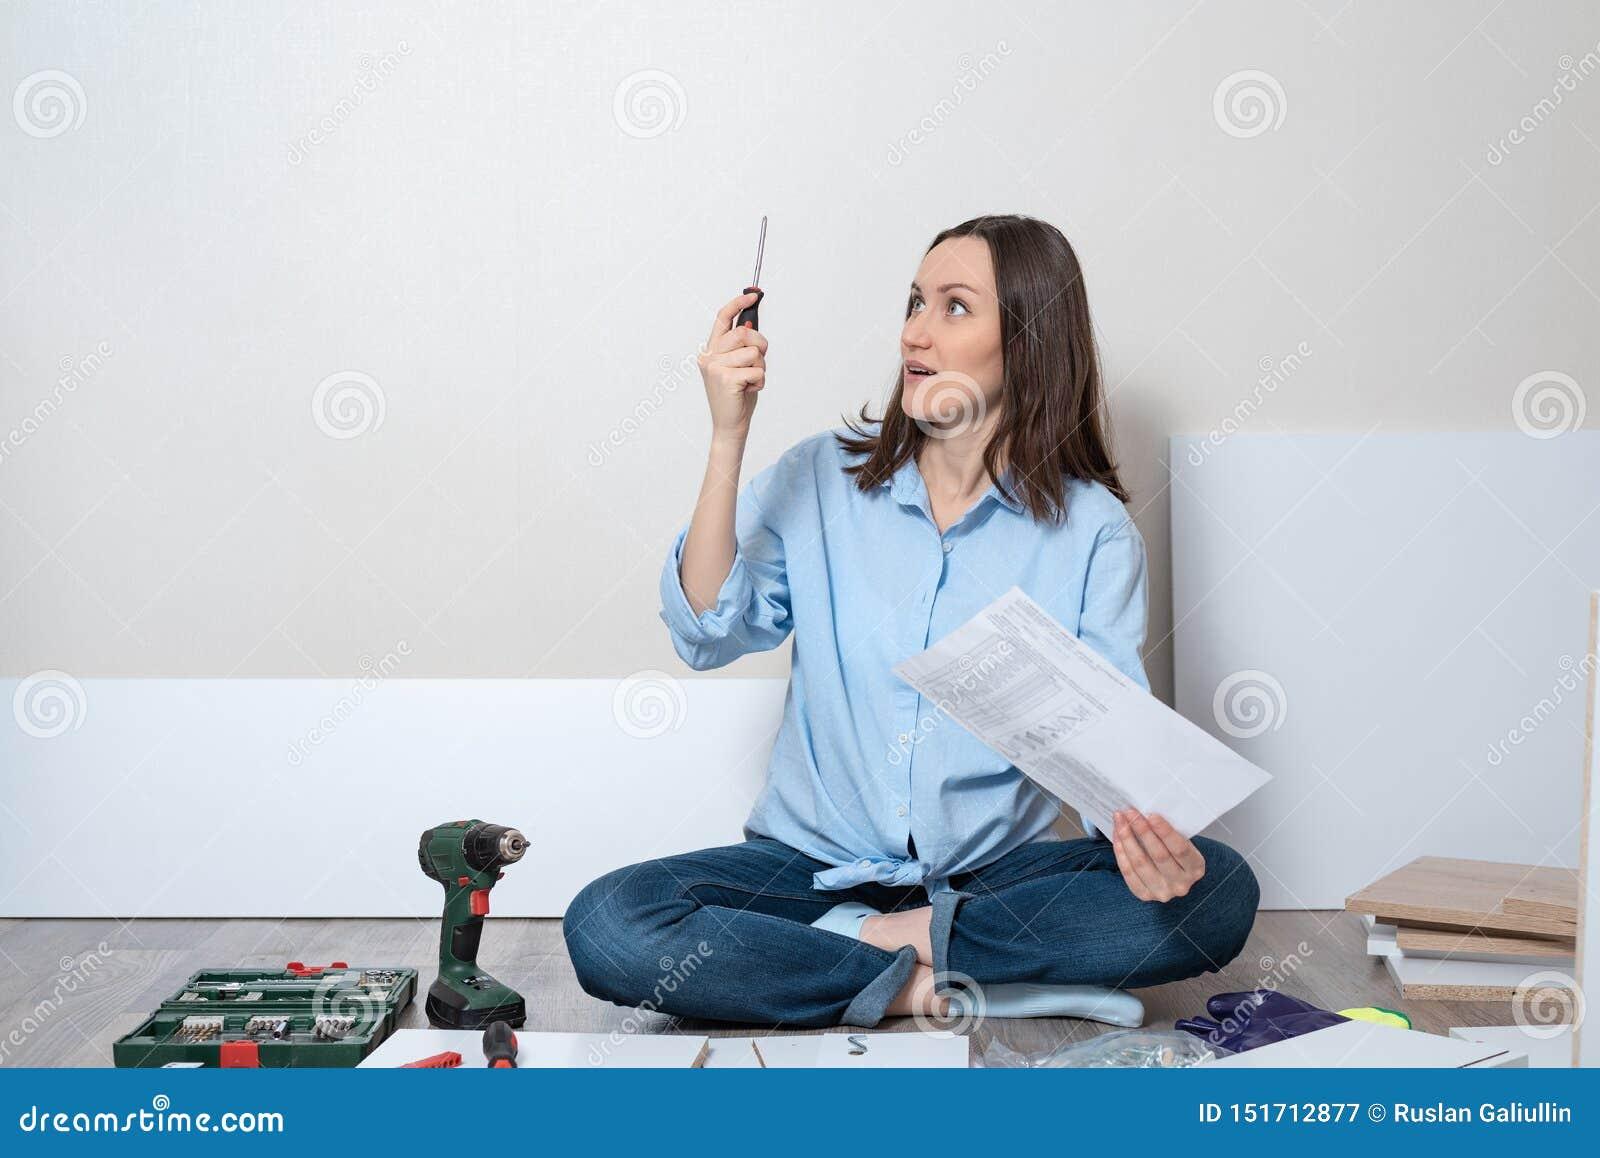 Portret kobieta na podłodze z śrubokrętem i instrukcje dla zgromadzenie meble zdziwiona, intrygująca,